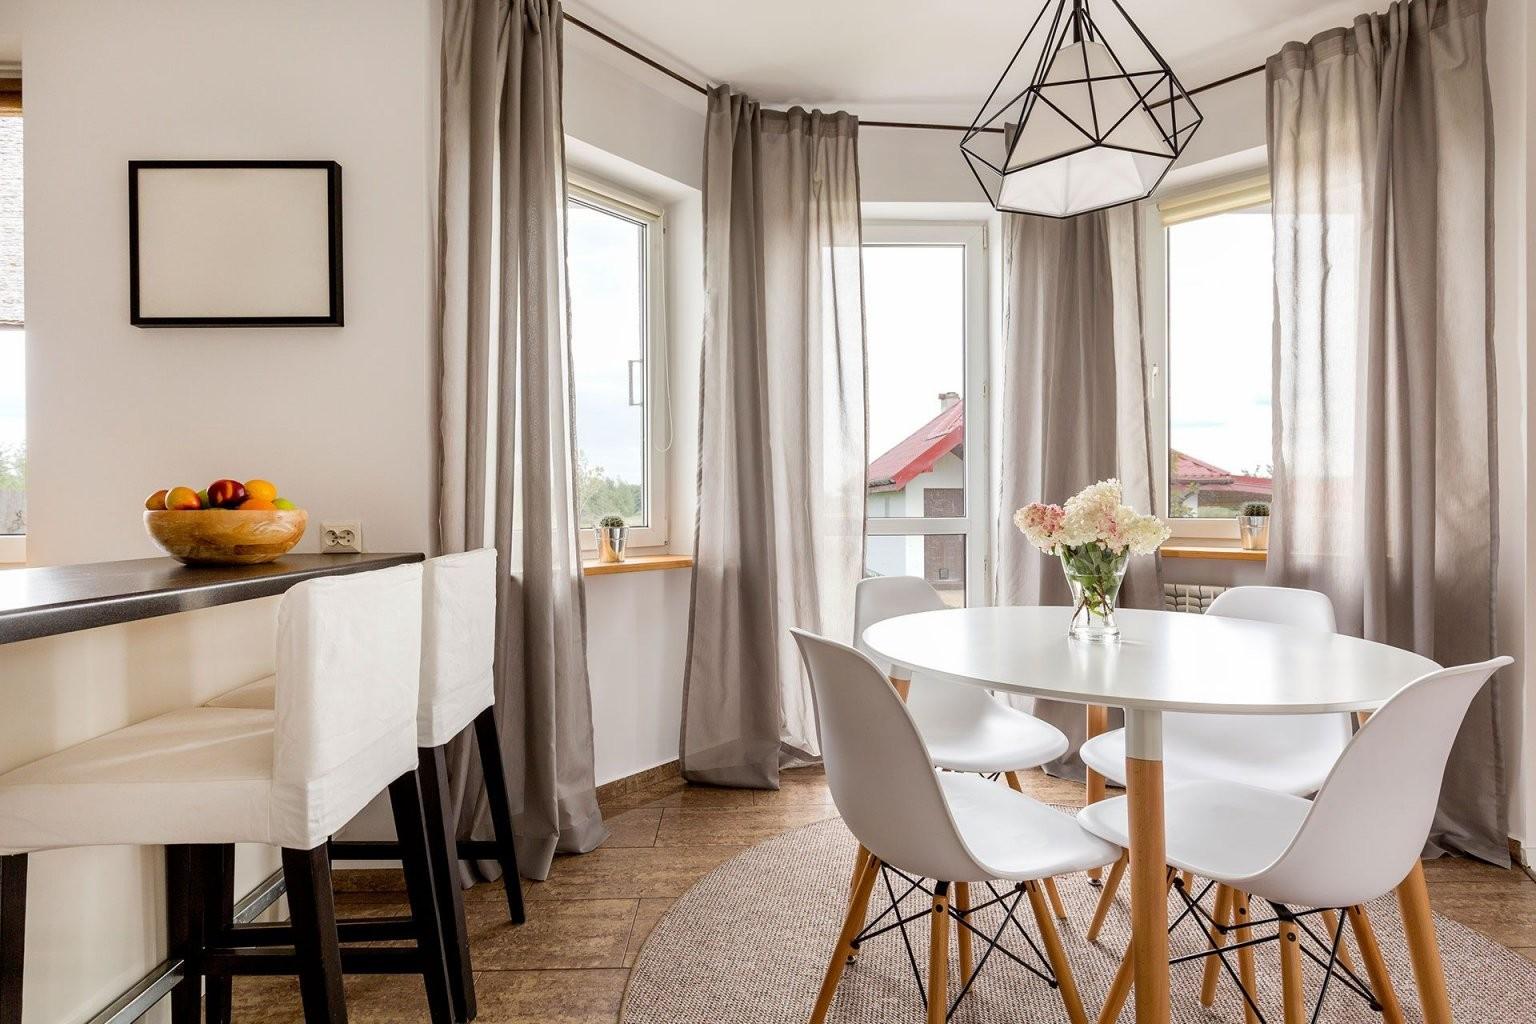 Kleine Fenster Gardinen Küche Vorhang Ideen Badezimmer Fenster von Vorhänge Für Kleine Fenster Photo